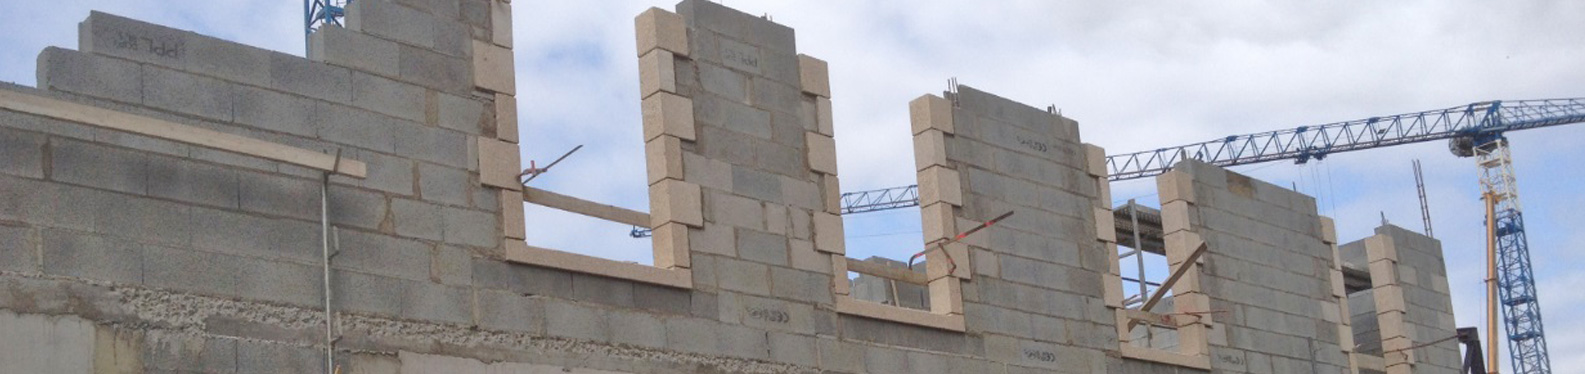 construction-en-cours-rantiere-batiment-maconnerie-generale-vendee